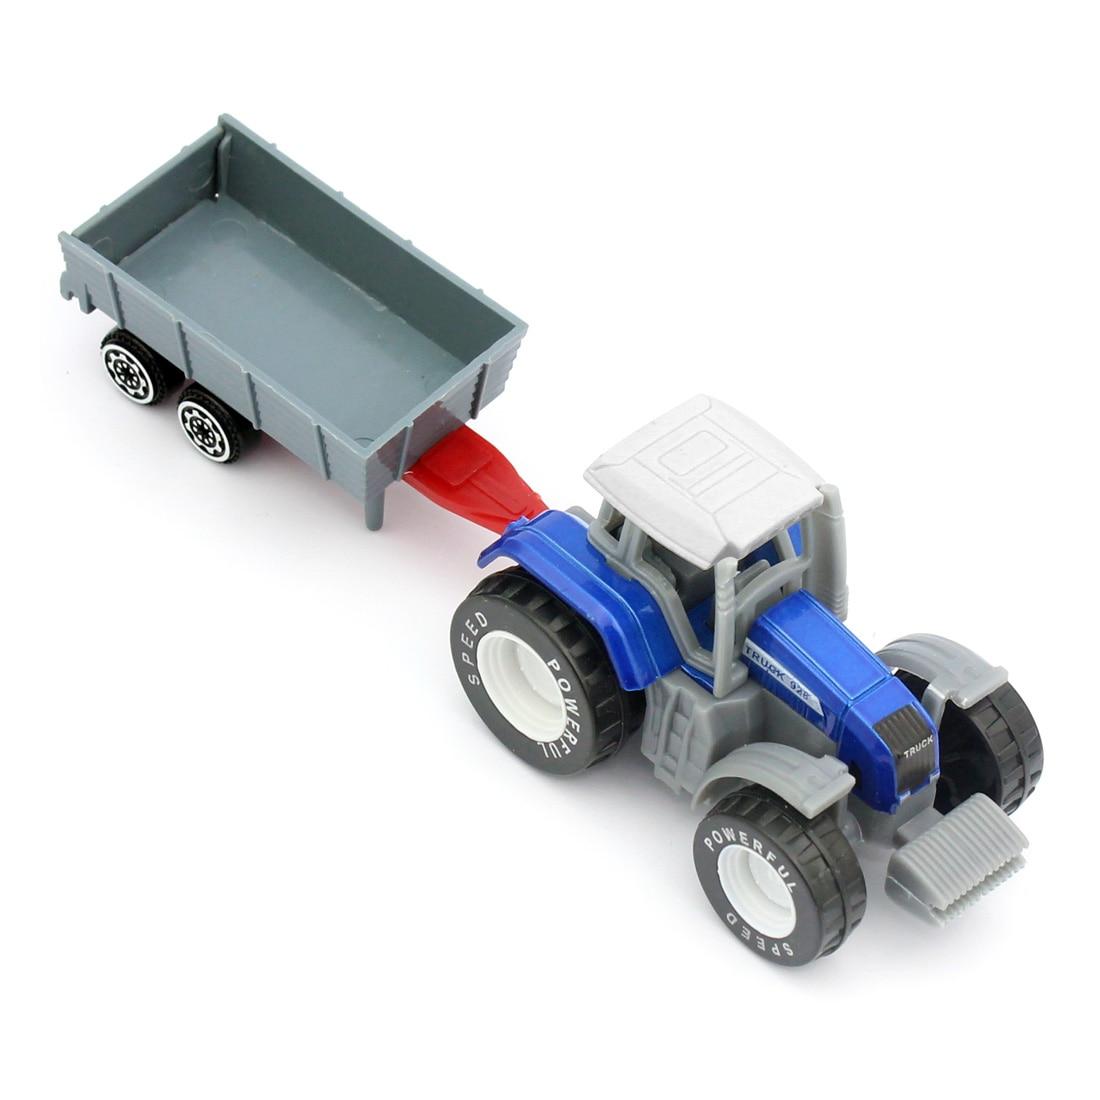 Мини-комбайн, машина для посадки тракторов, сельскохозяйственная машина для разбрызгивания, литейная модель, инженерный автомобиль, детска...